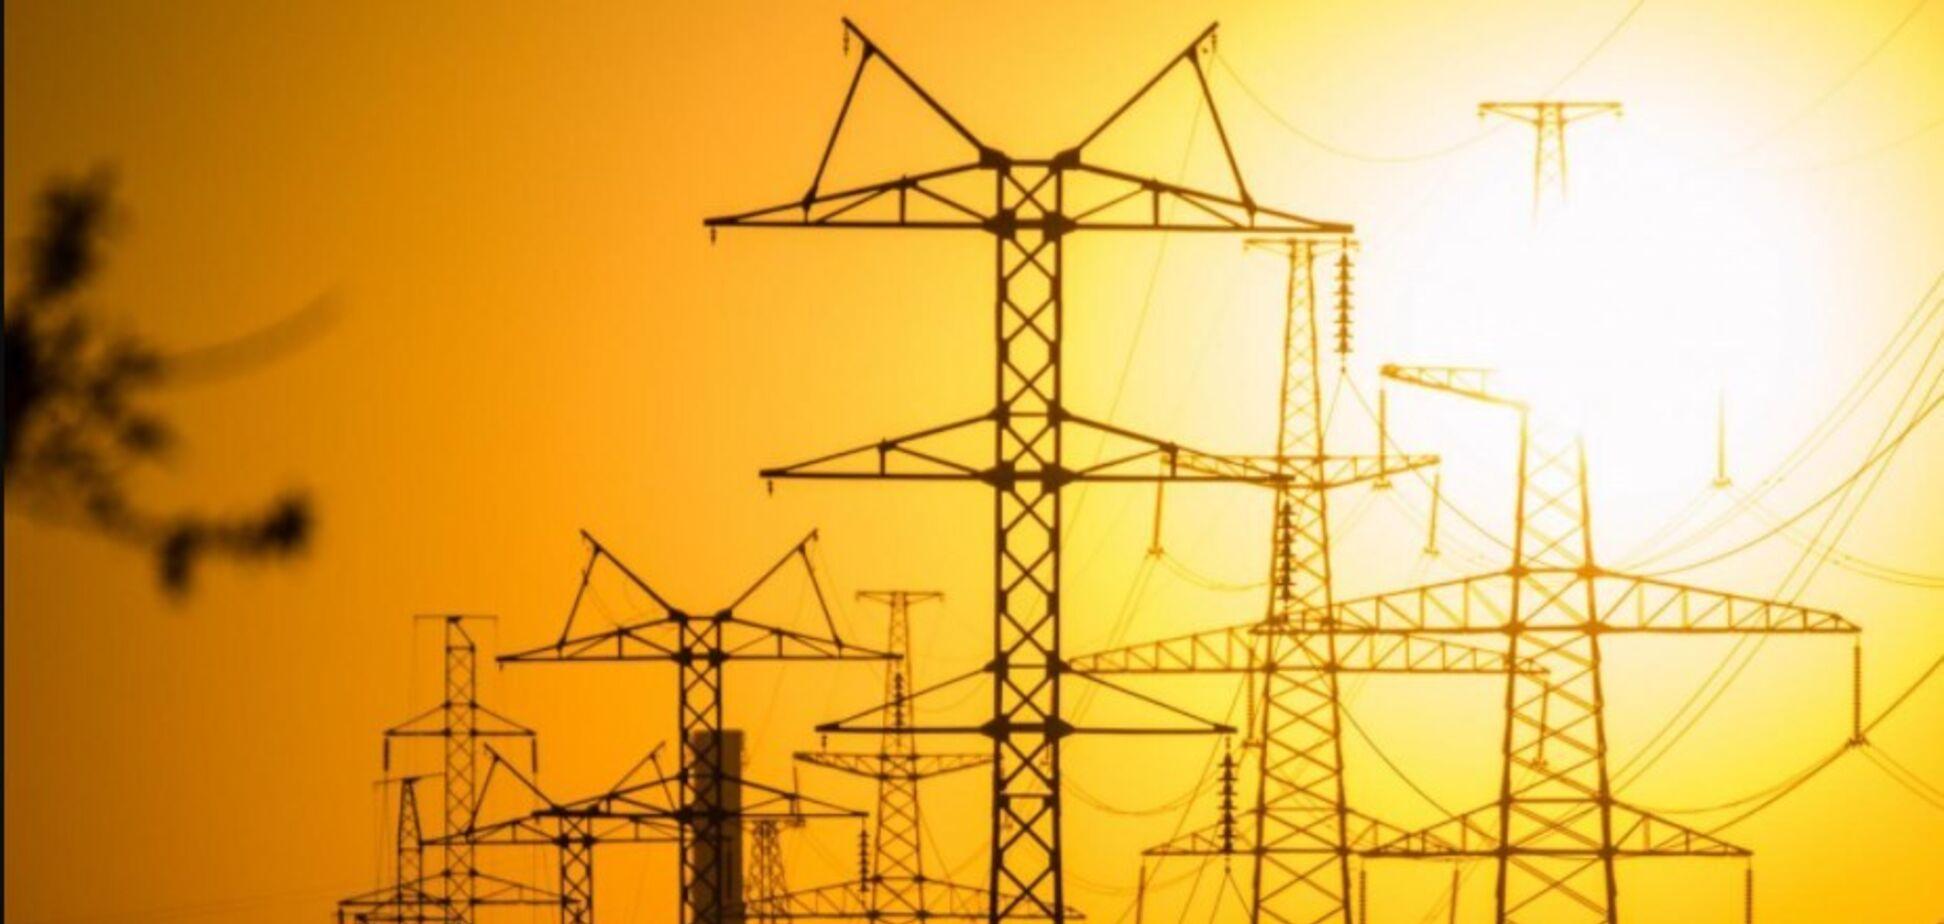 Украина сознательно вошла в энергозависимость от РФ и Беларуси, начав импорт электроэнергии, – нардеп